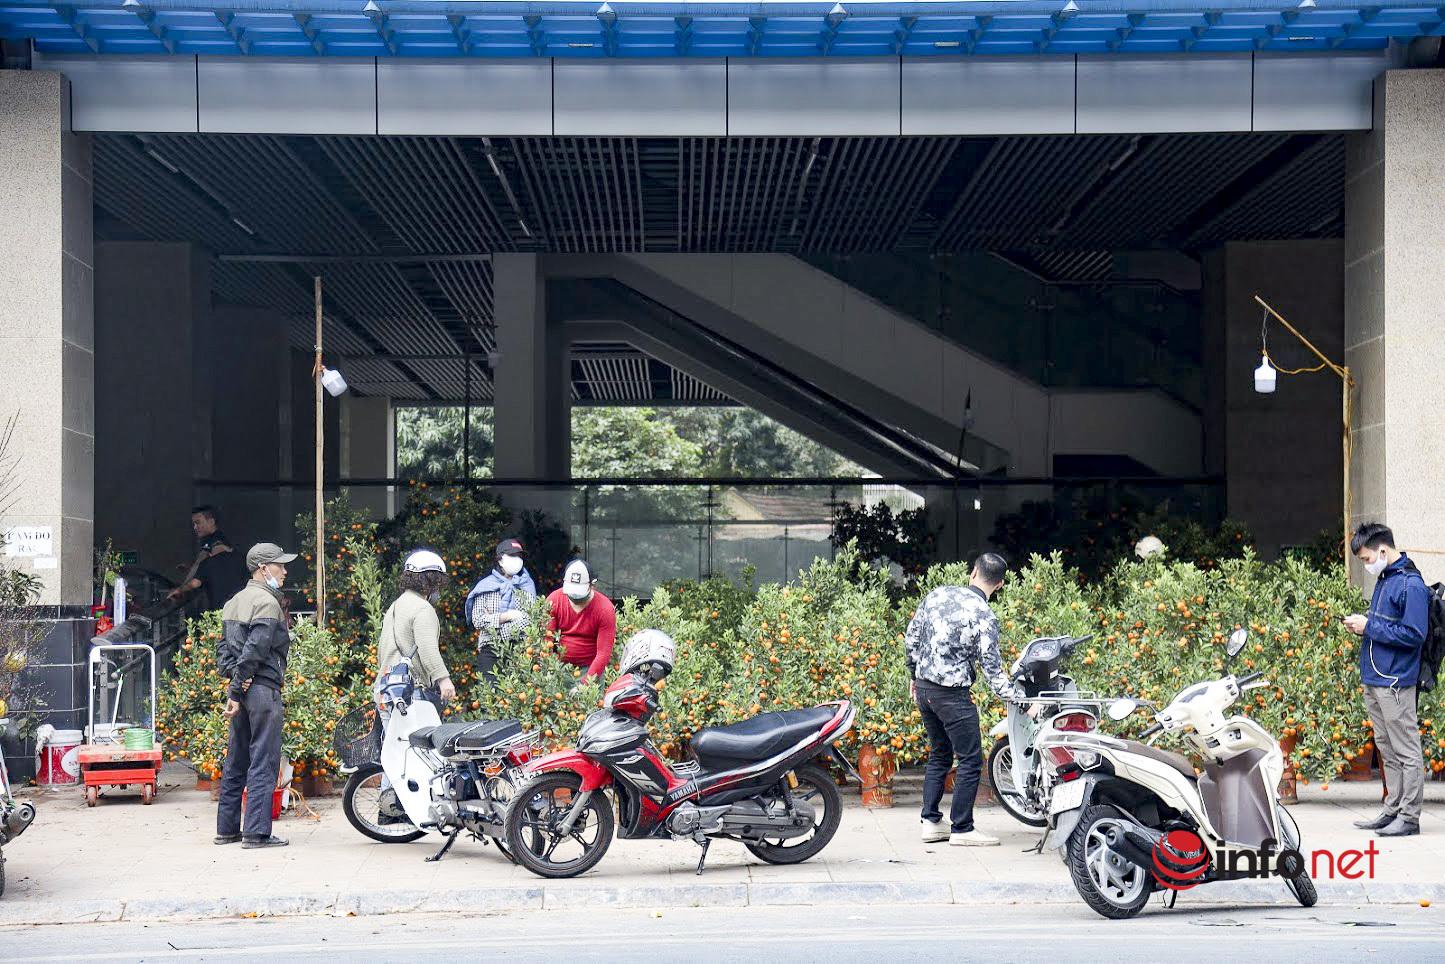 Nhà ga đường sắt trên cao Hà Nội biến thành chợ quất, đào cảnh nhộn nhịp